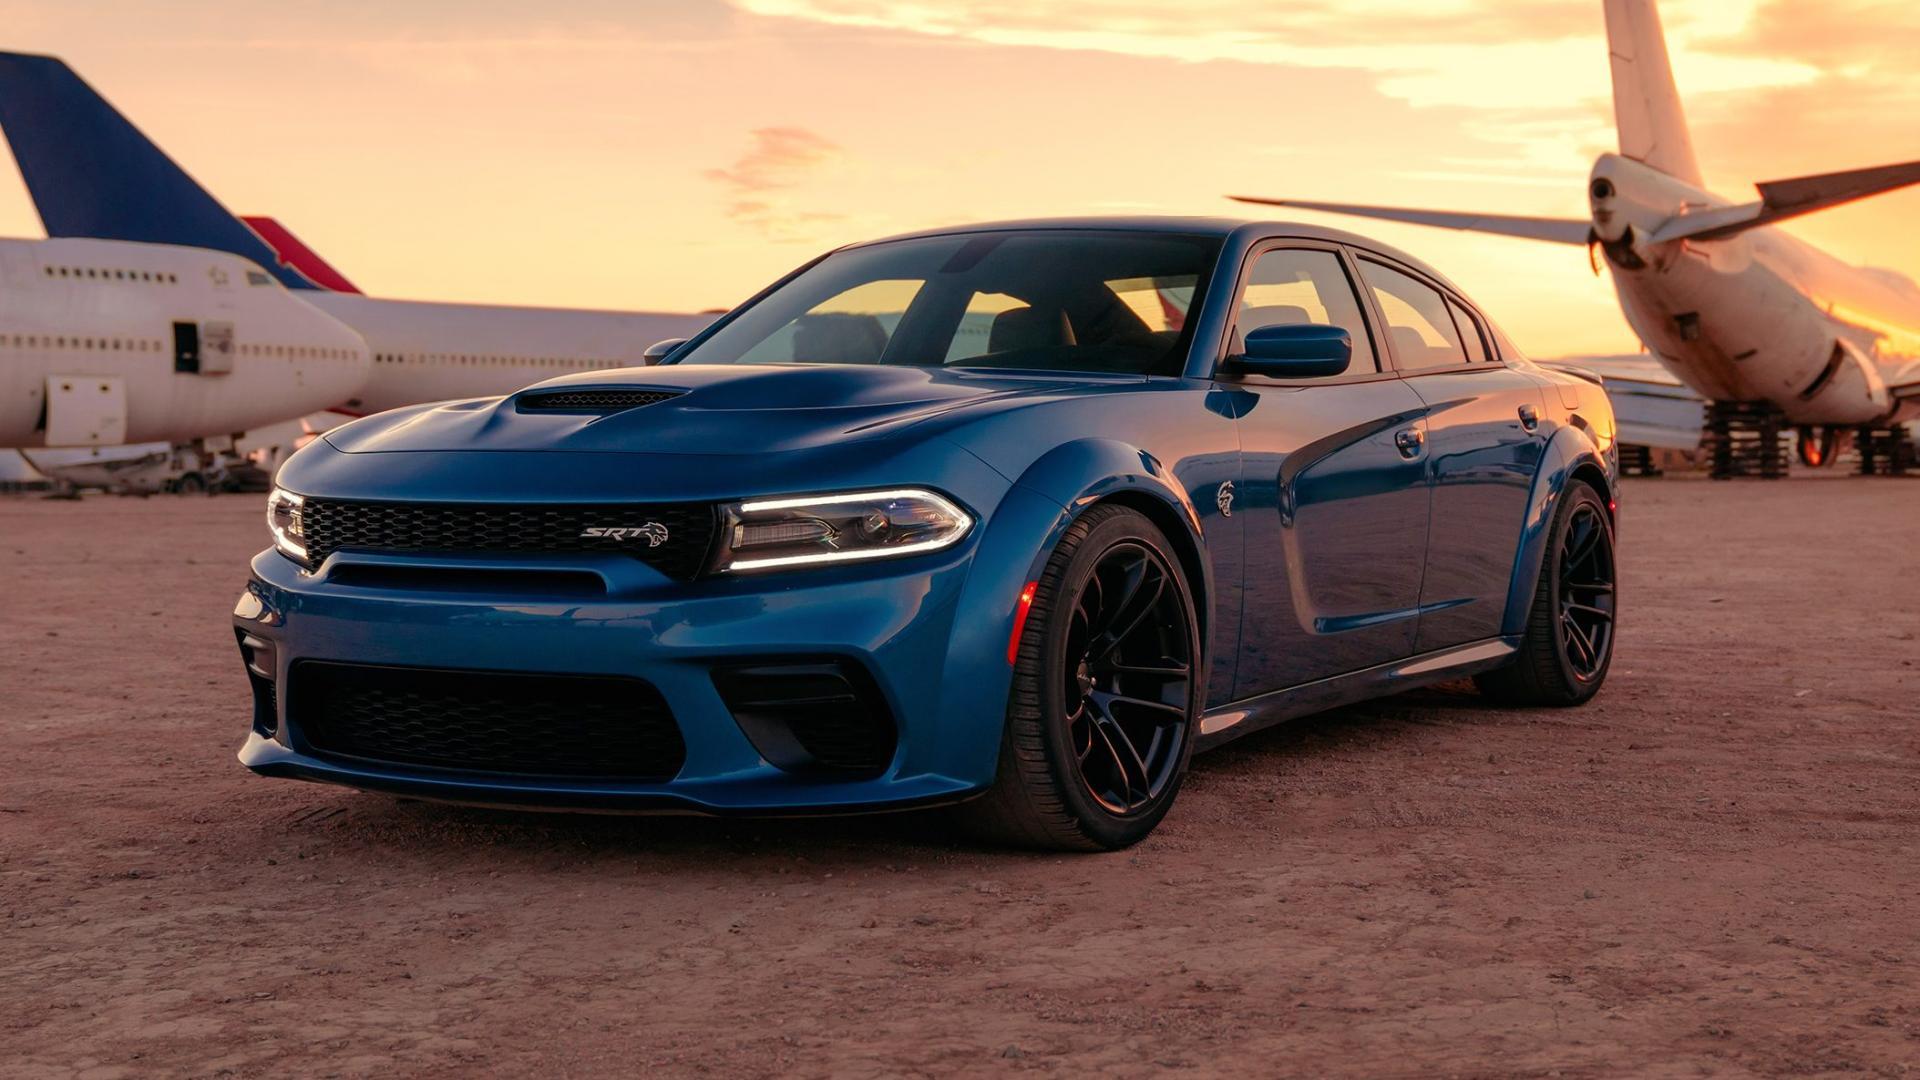 Dodge Charger Hellcat widebody bij vliegtuigen in woestijn